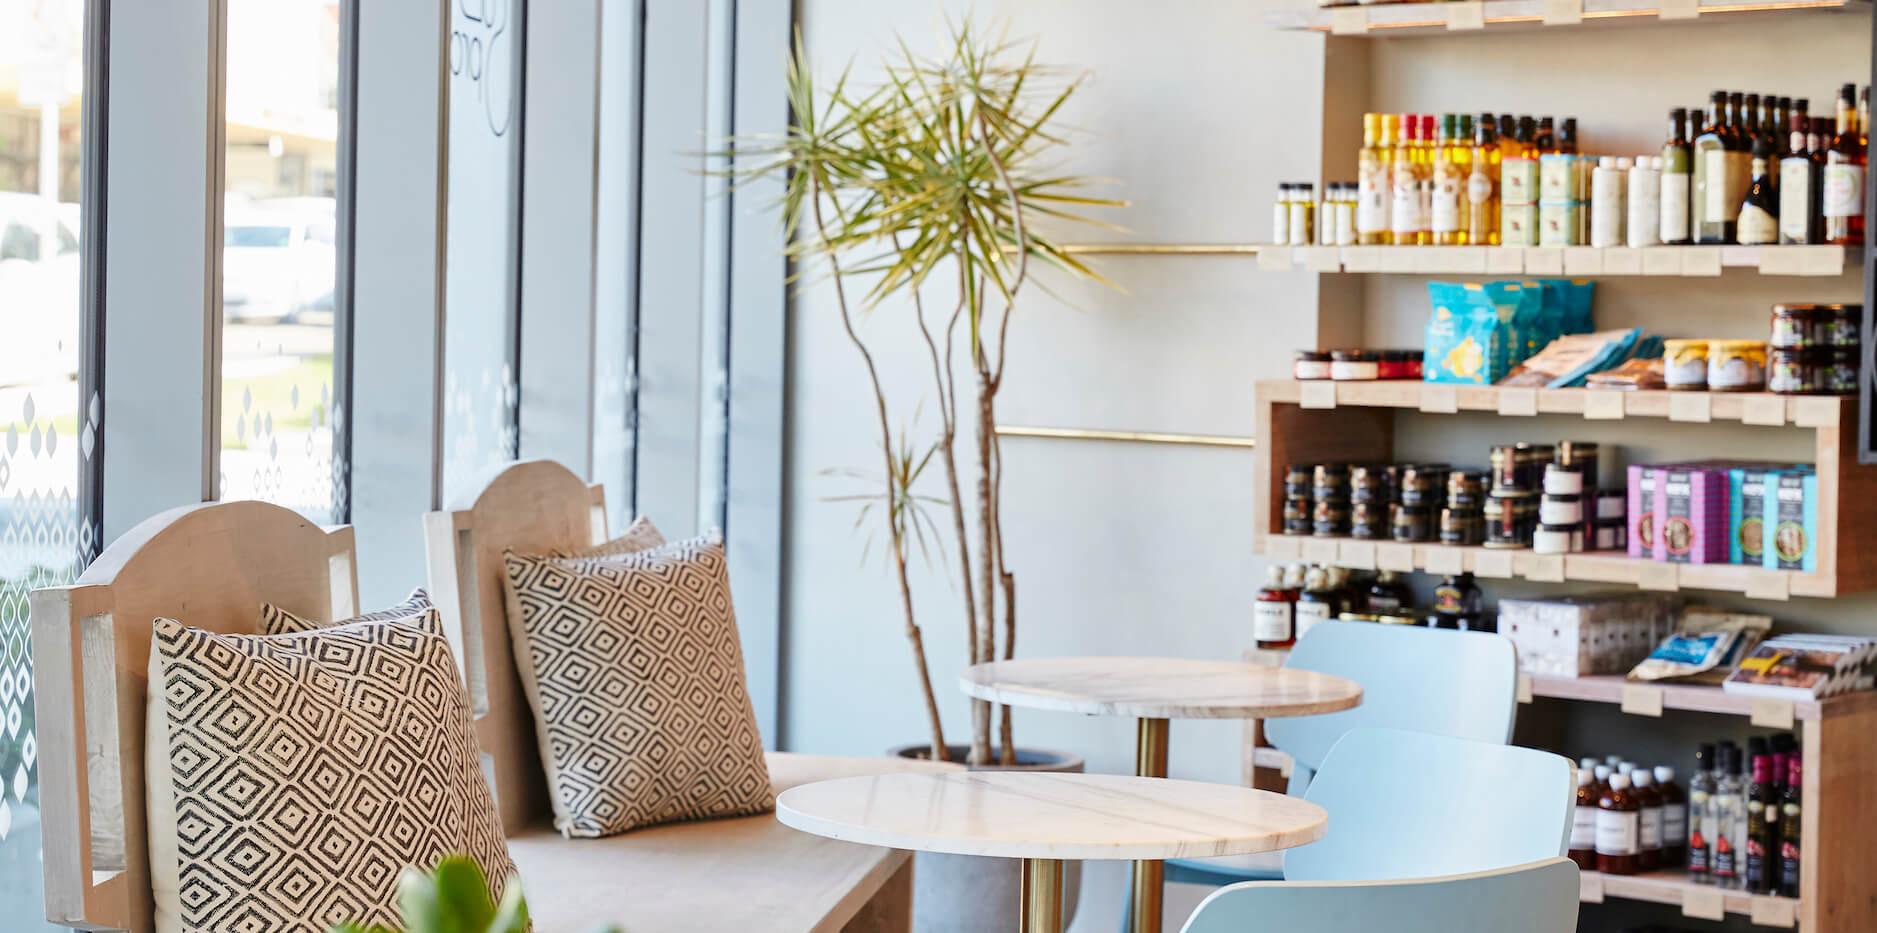 SOL Providore - coffee shop bar design